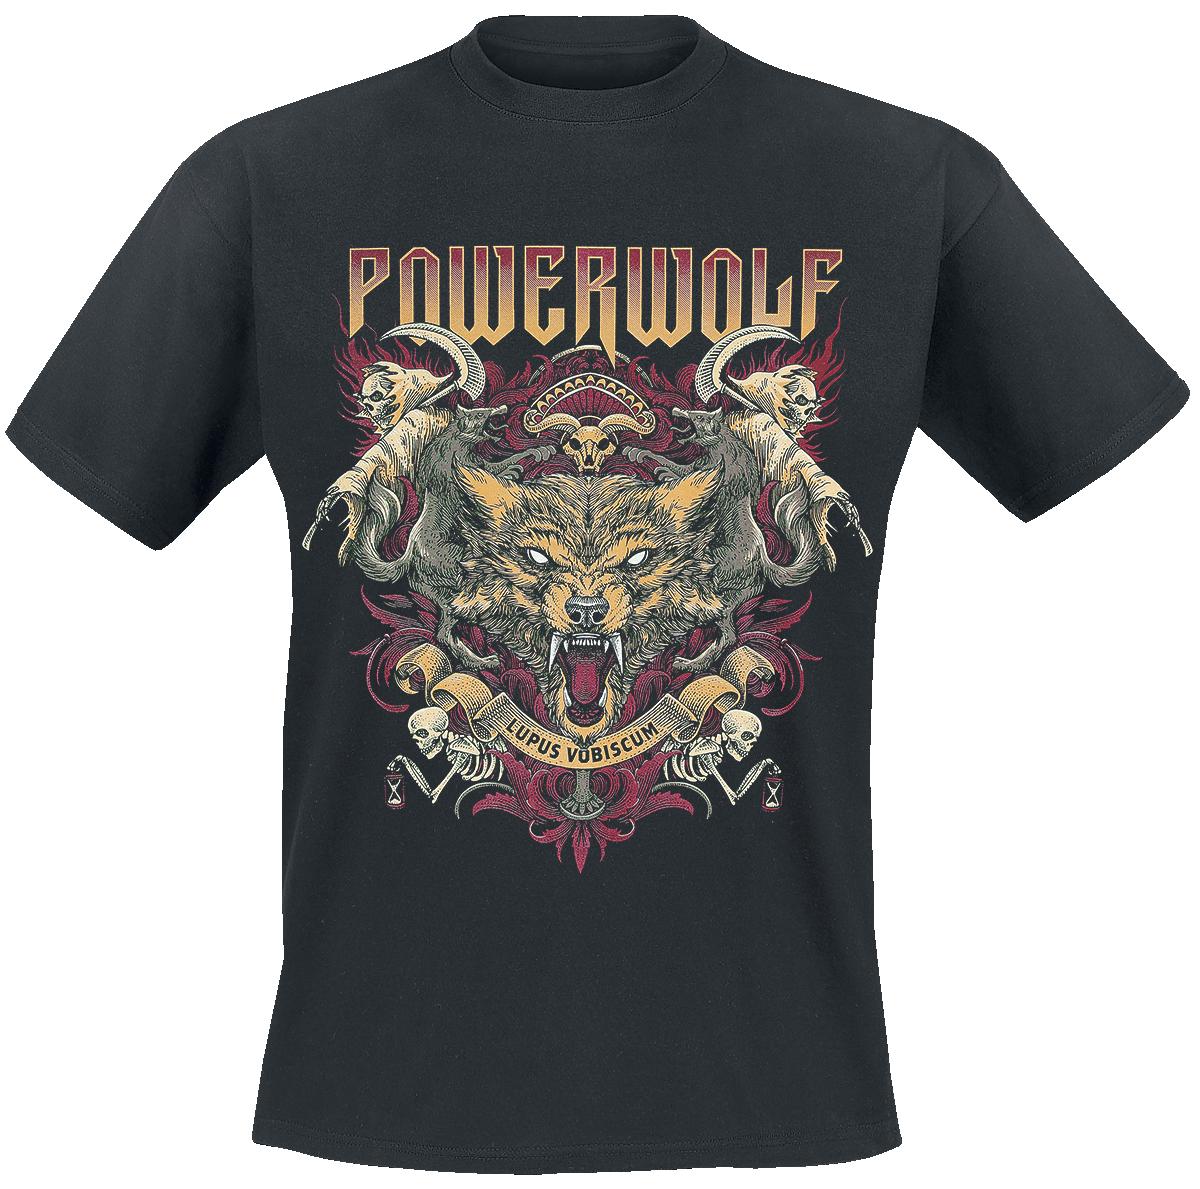 Powerwolf - Lupus Vobiscum - T-Shirt - black image